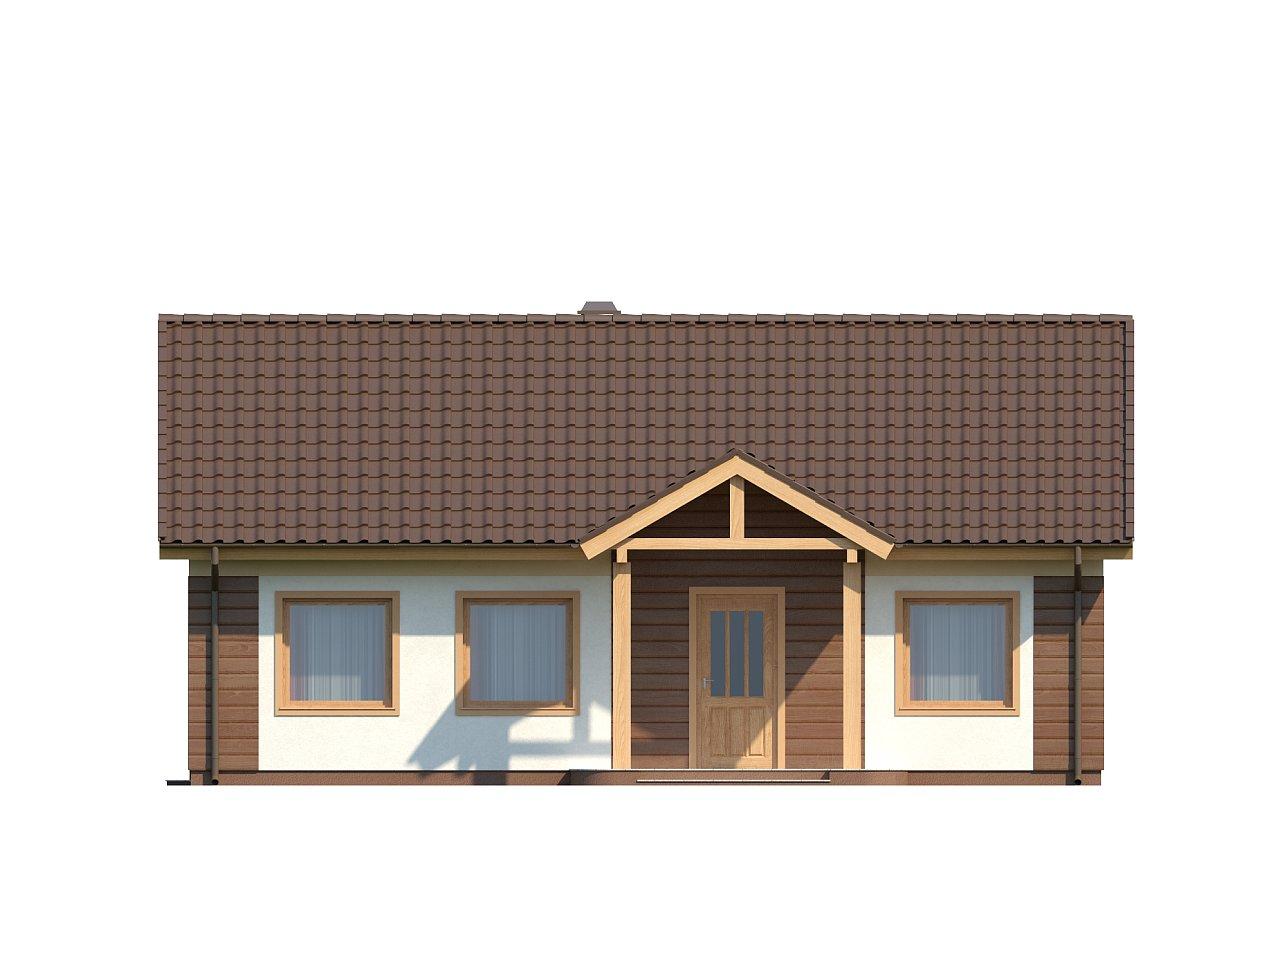 Аккуратный одноэтажный дом простой формы с двускатной крышей. 3